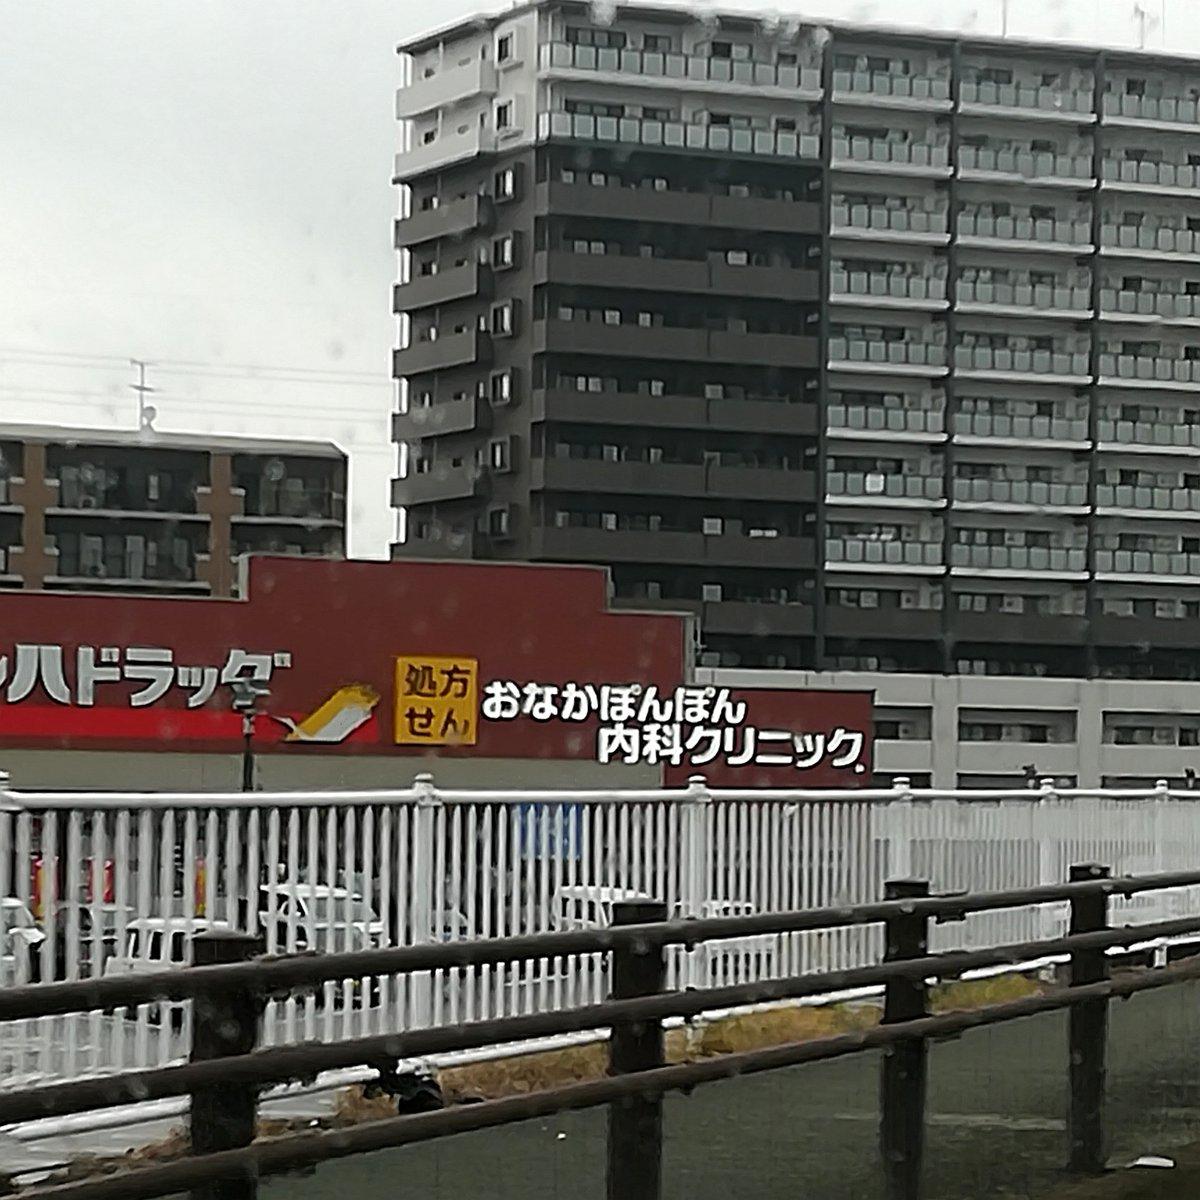 腹痛で思い出した。福岡に出張したときに見かけた可愛い名前の内科。